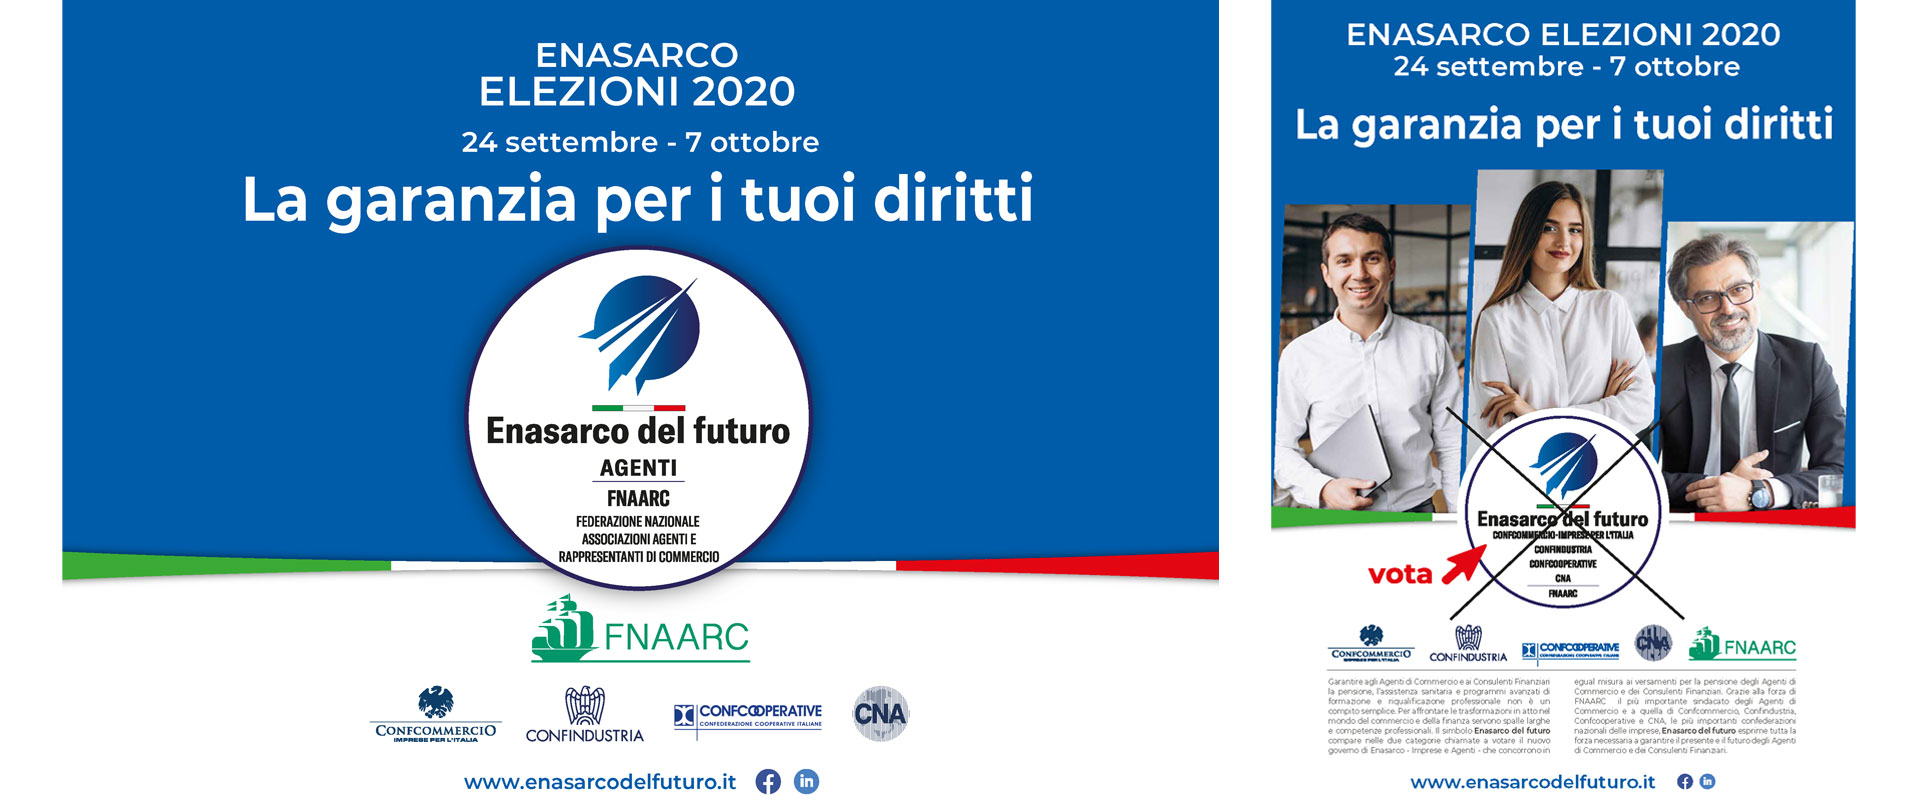 ElezioniEnasarco2020_Slider1